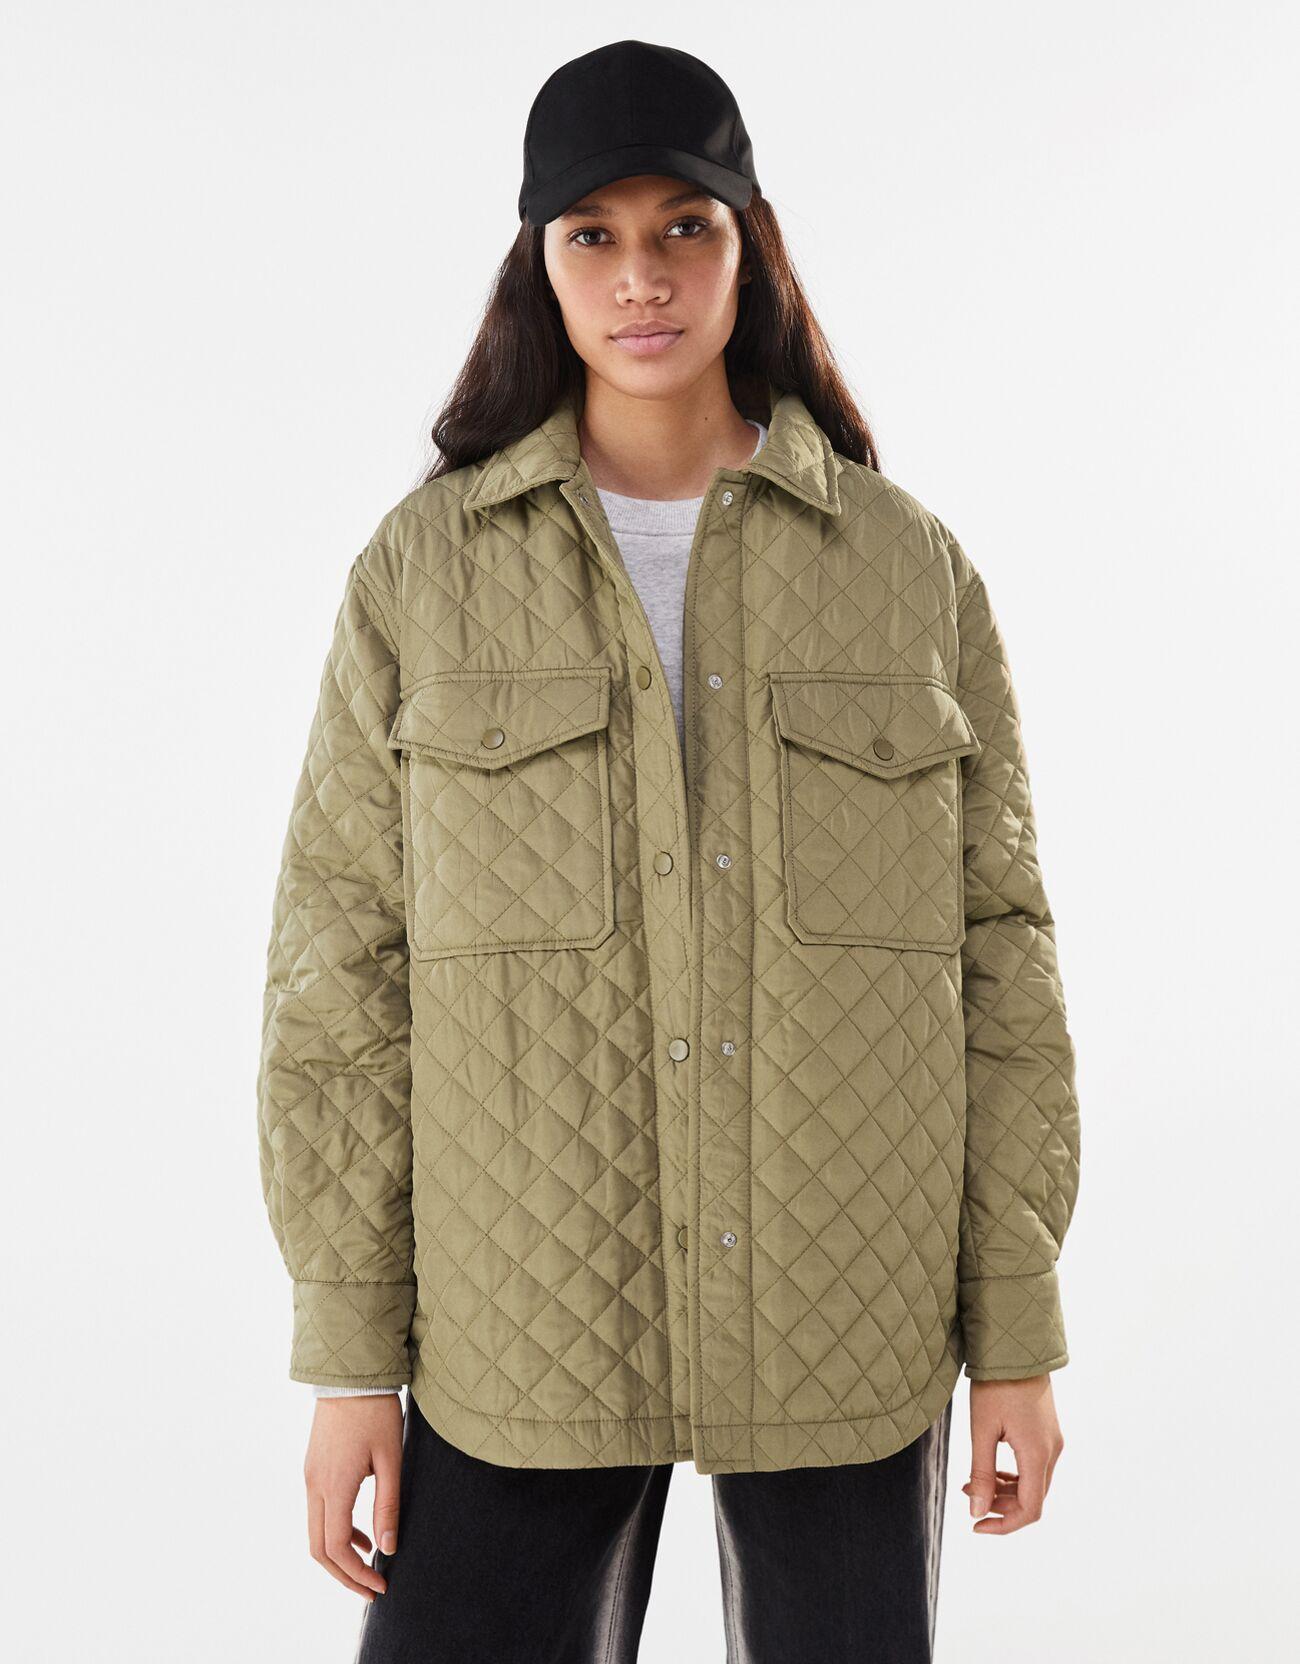 Artikel klicken und genauer betrachten! - Hemdjacke Aus Nylon Color: Khaki Size: Xs Material: Polyester Farbe:Khaki Größe: Xs   im Online Shop kaufen